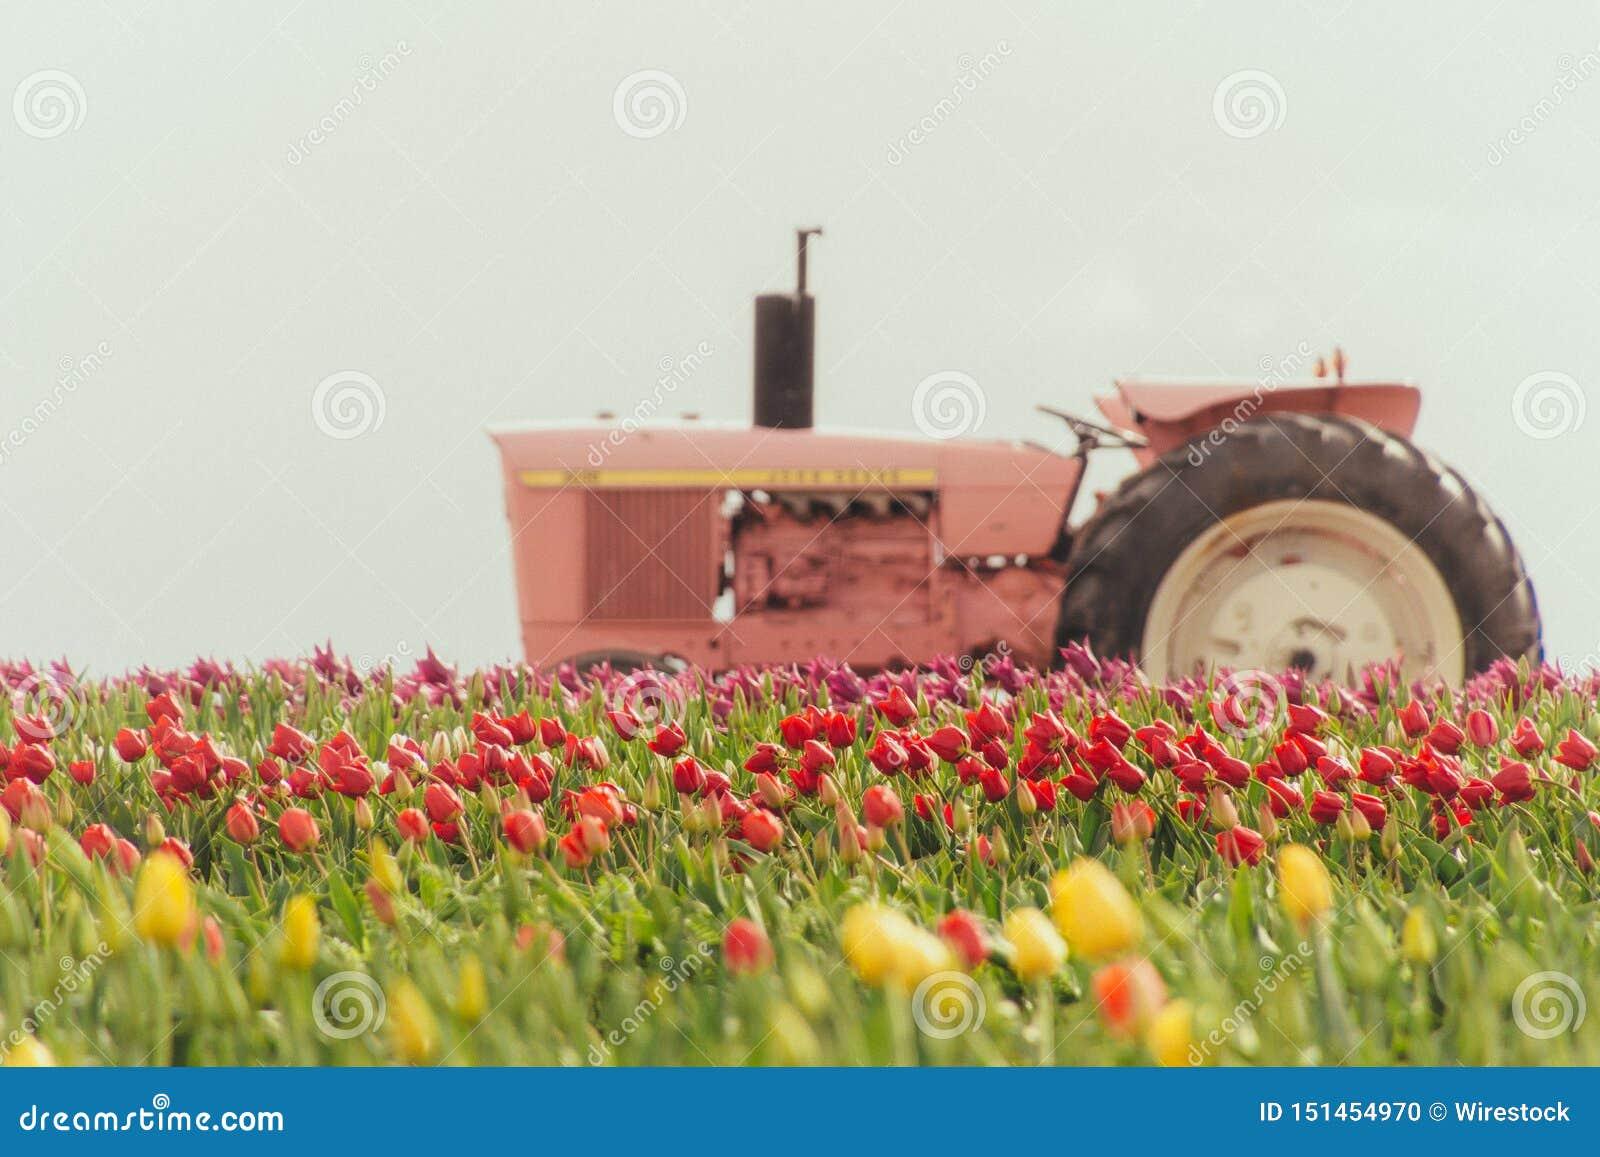 Roze tractor in een gebiedshoogtepunt van mooie kleurrijke tulpen